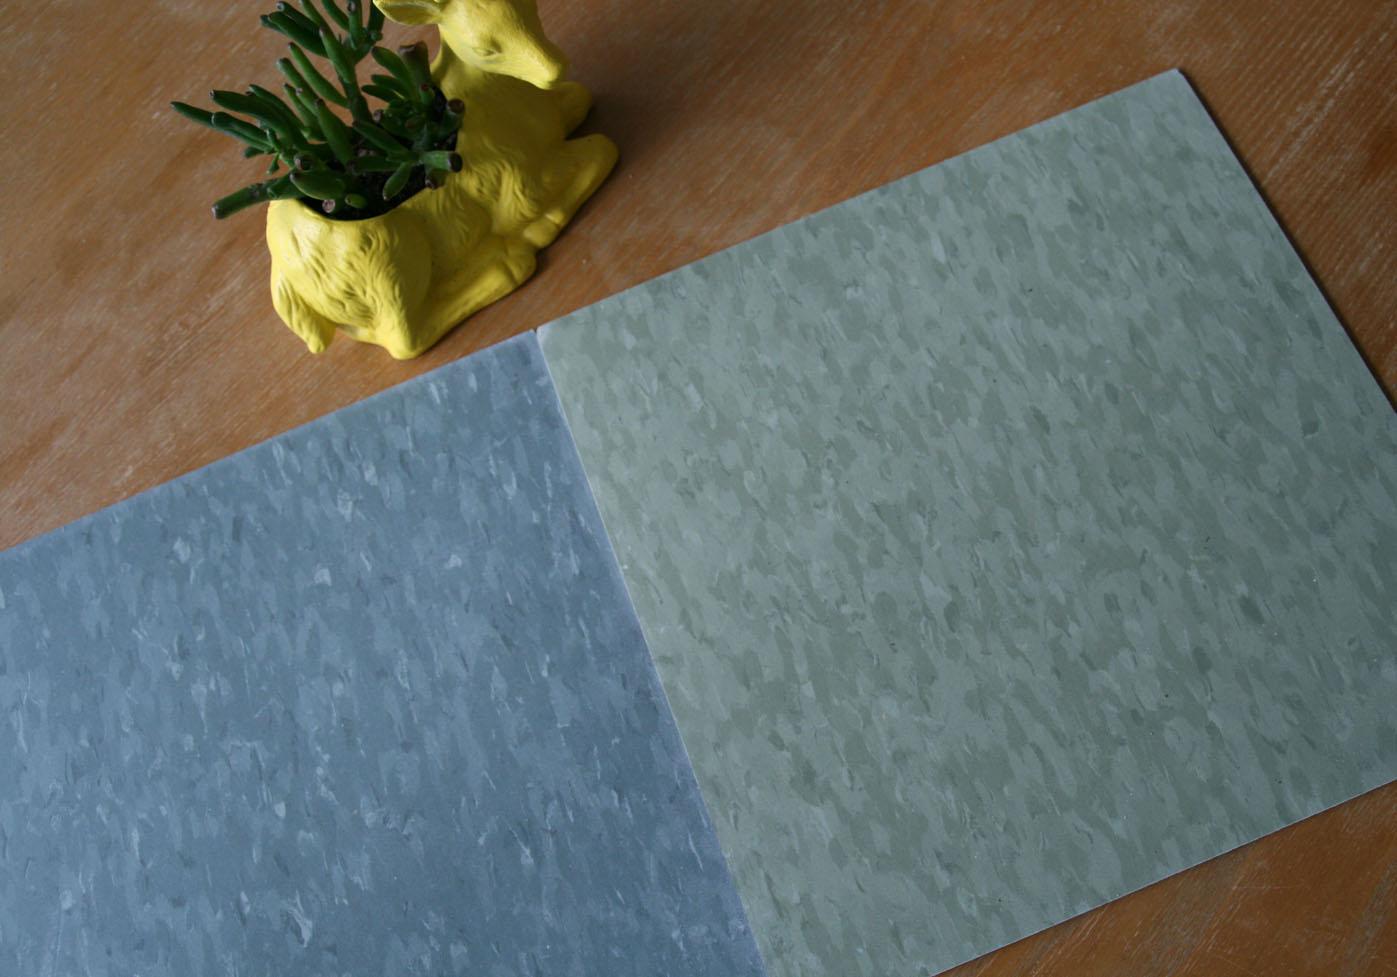 Mastic Adhesive + Carpet Glue on concrete : DIY